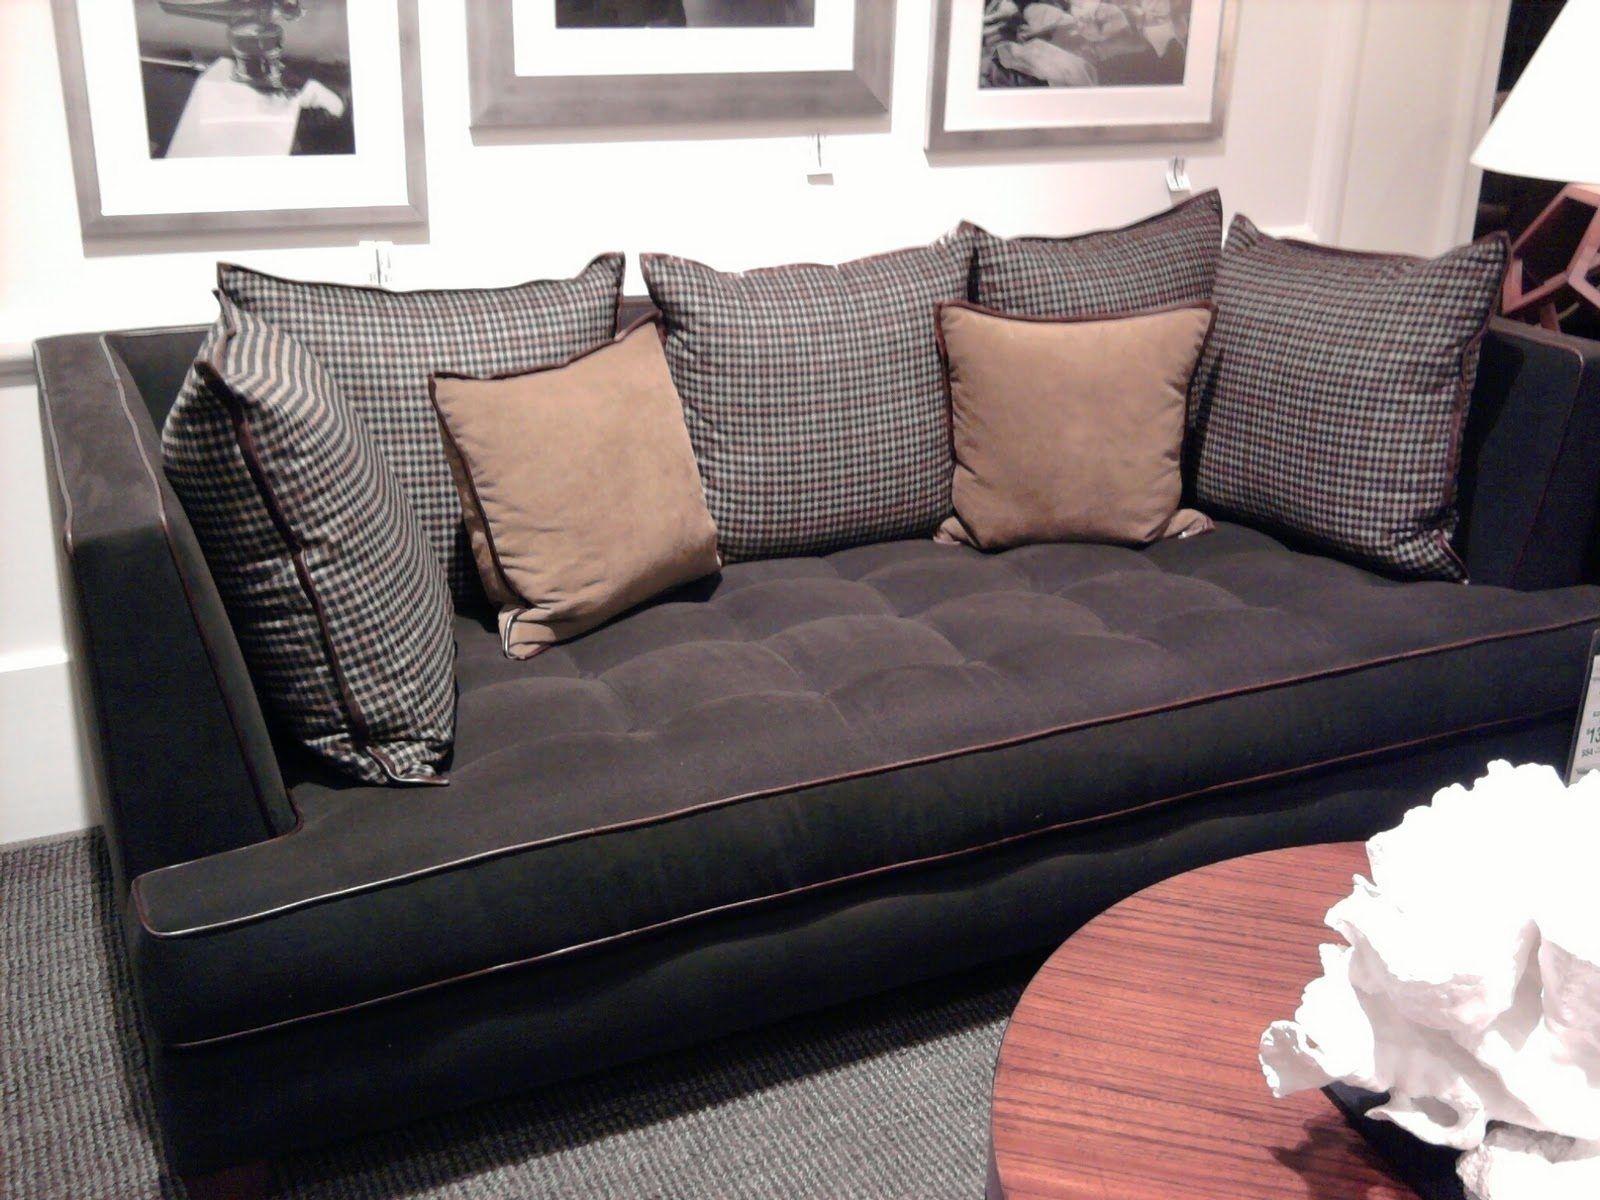 Erstaunlich Sofa Ideen Für Wohnzimmer (mit Bildern ...